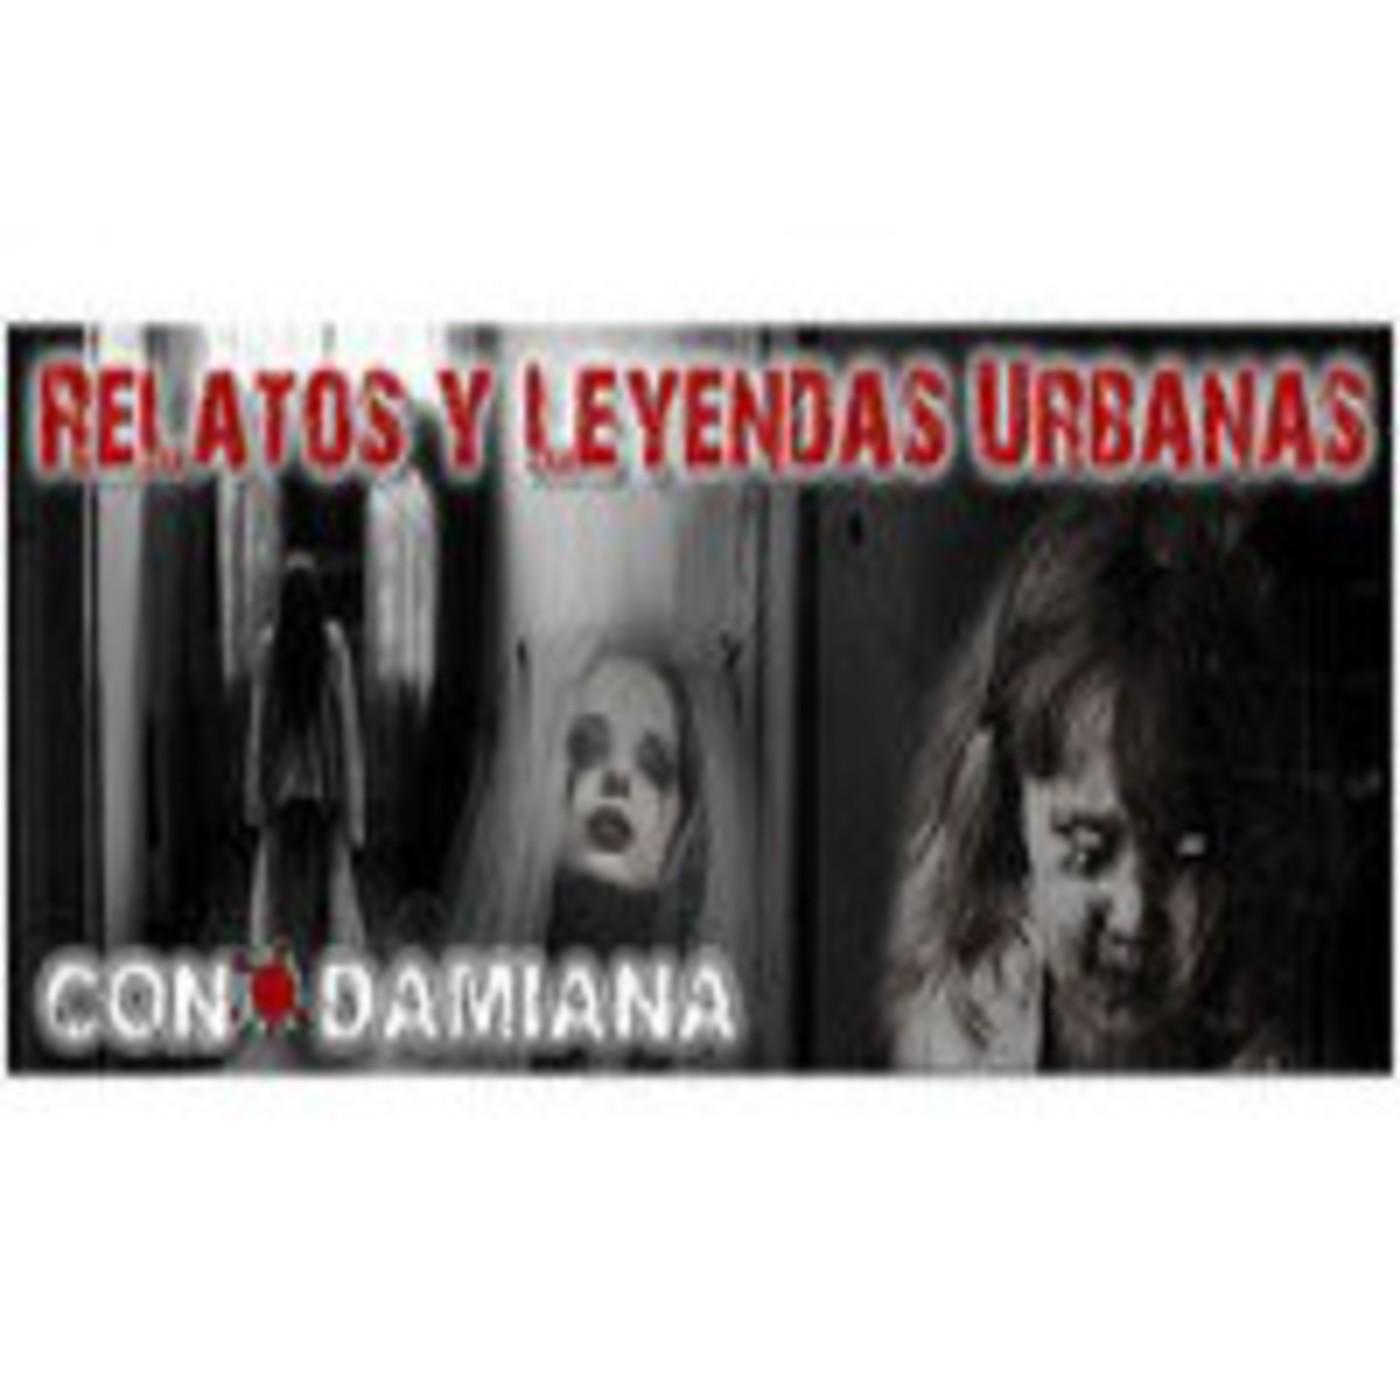 Relatos Y Leyendas Urbanas (Damiana,Ruben) Tesoros y Fenomenos paranormales.